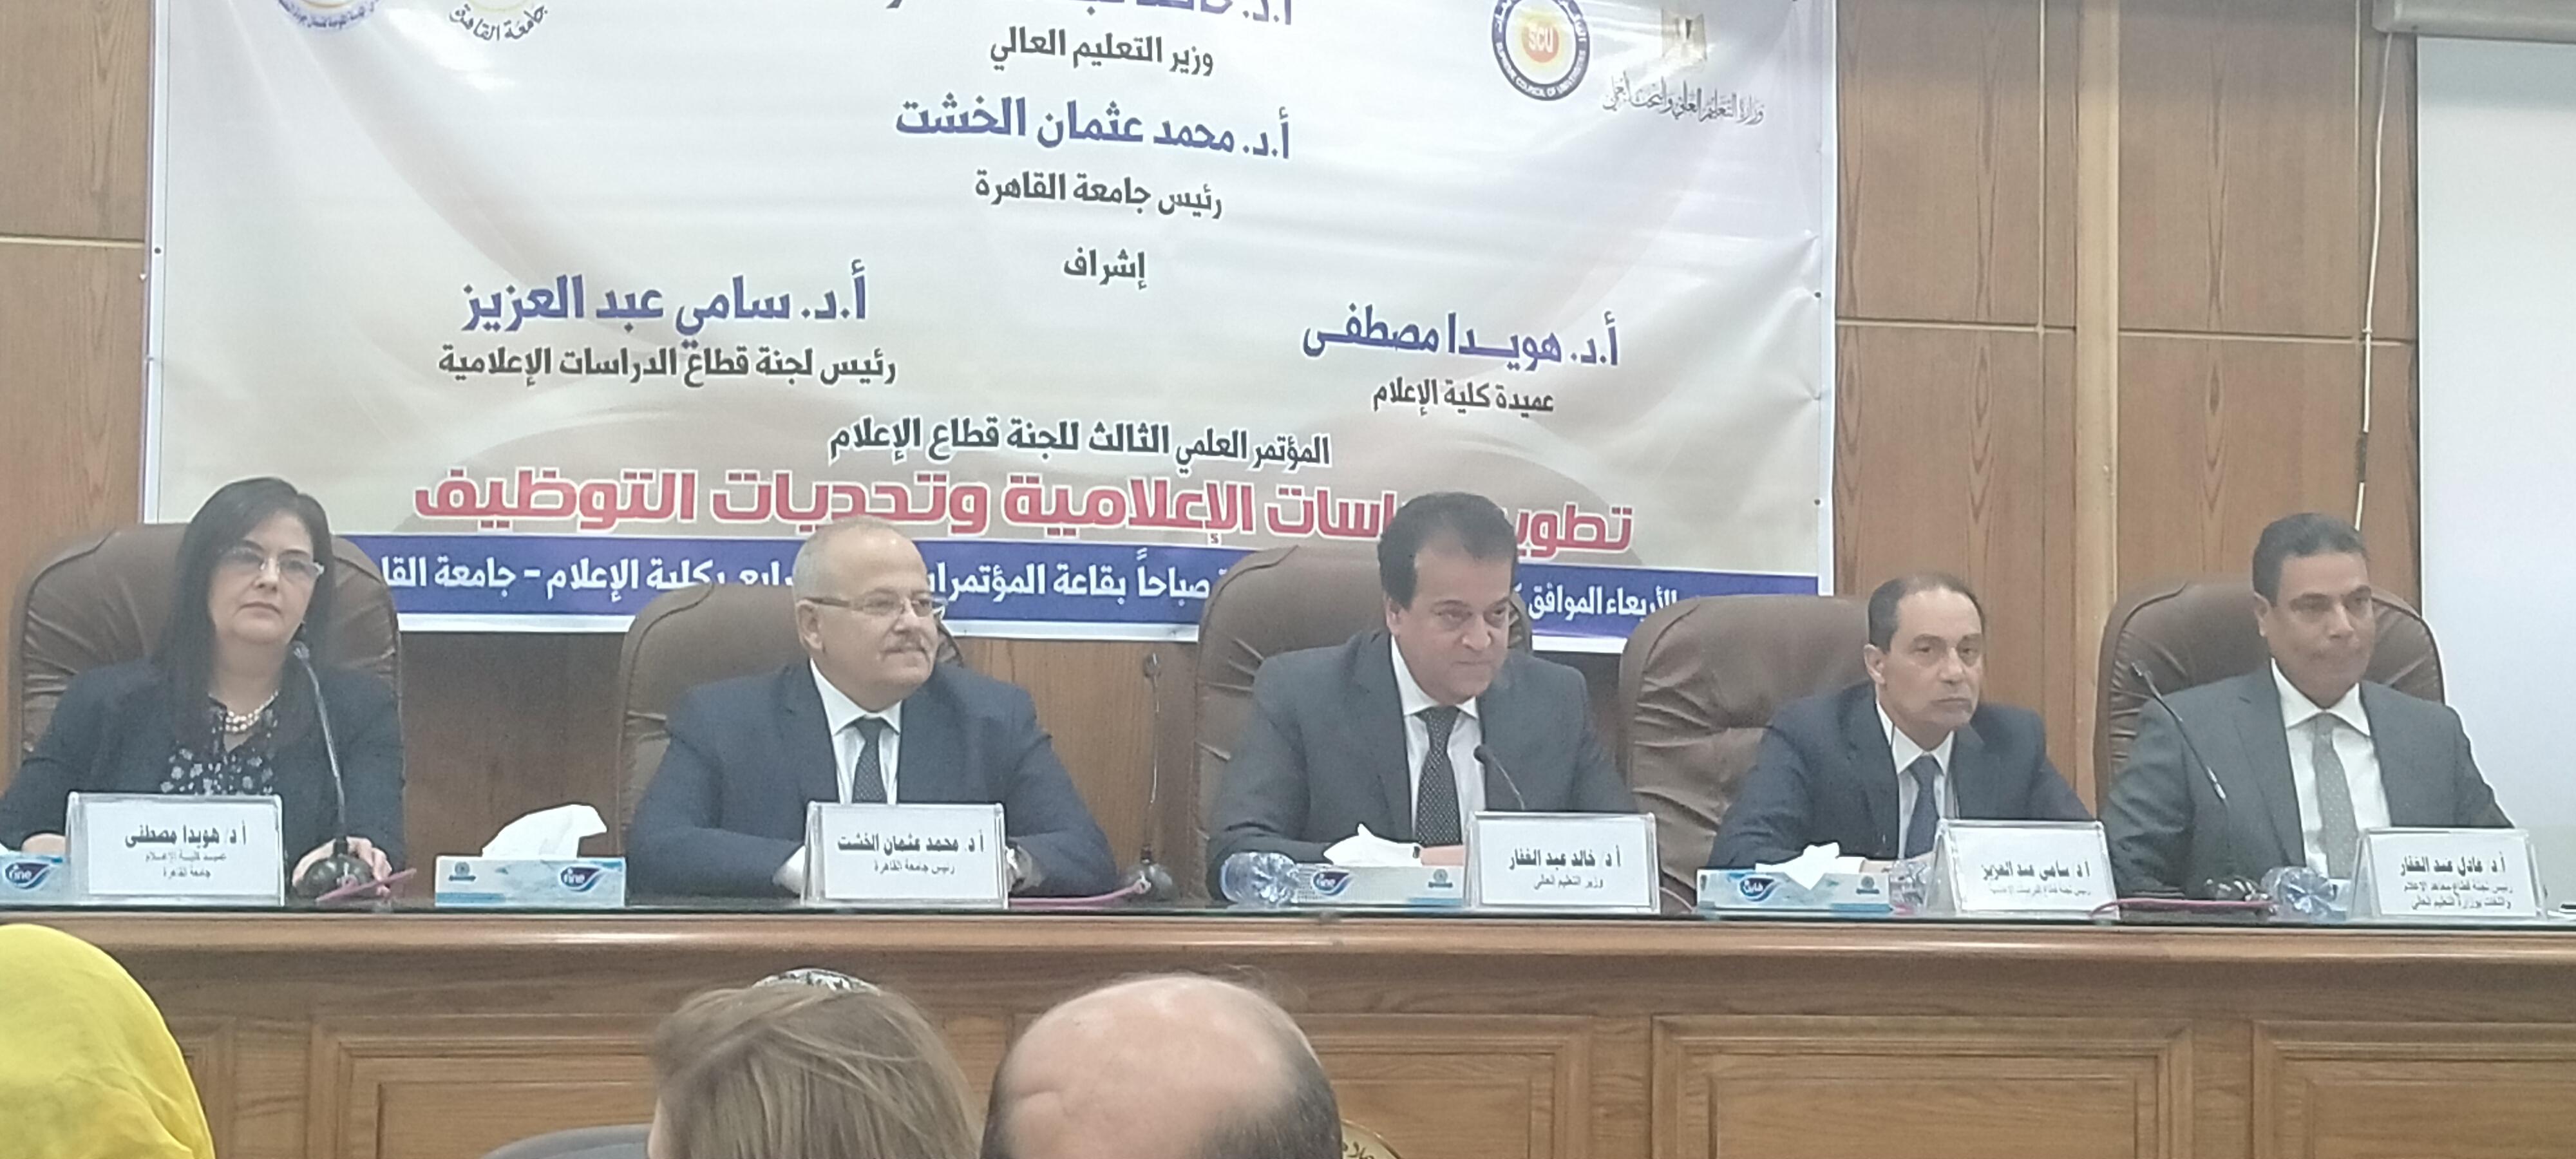 مؤتمر تطوير الدراسات الإعلامية وتحديات التوظيف   (4)